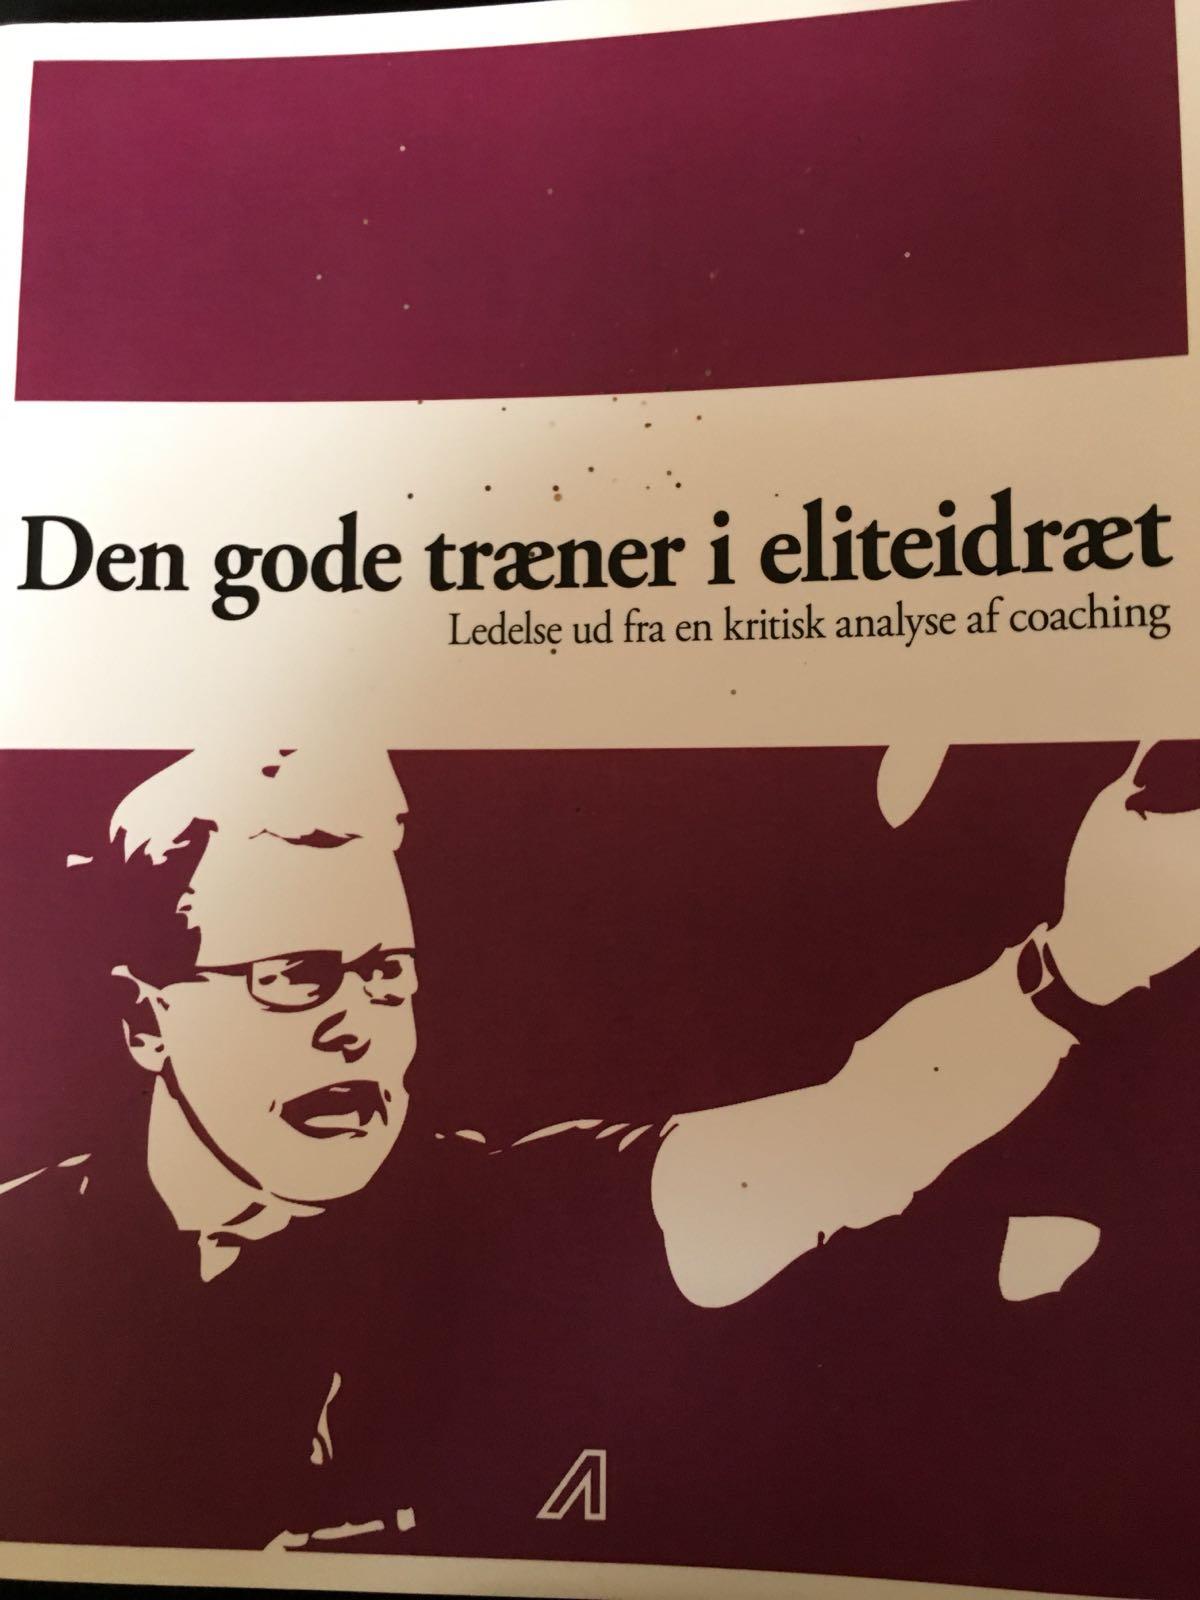 Den gode træner i eliteidræt - Ledelse ud fra en kritisk analyse af coaching af Troels Gottlieb